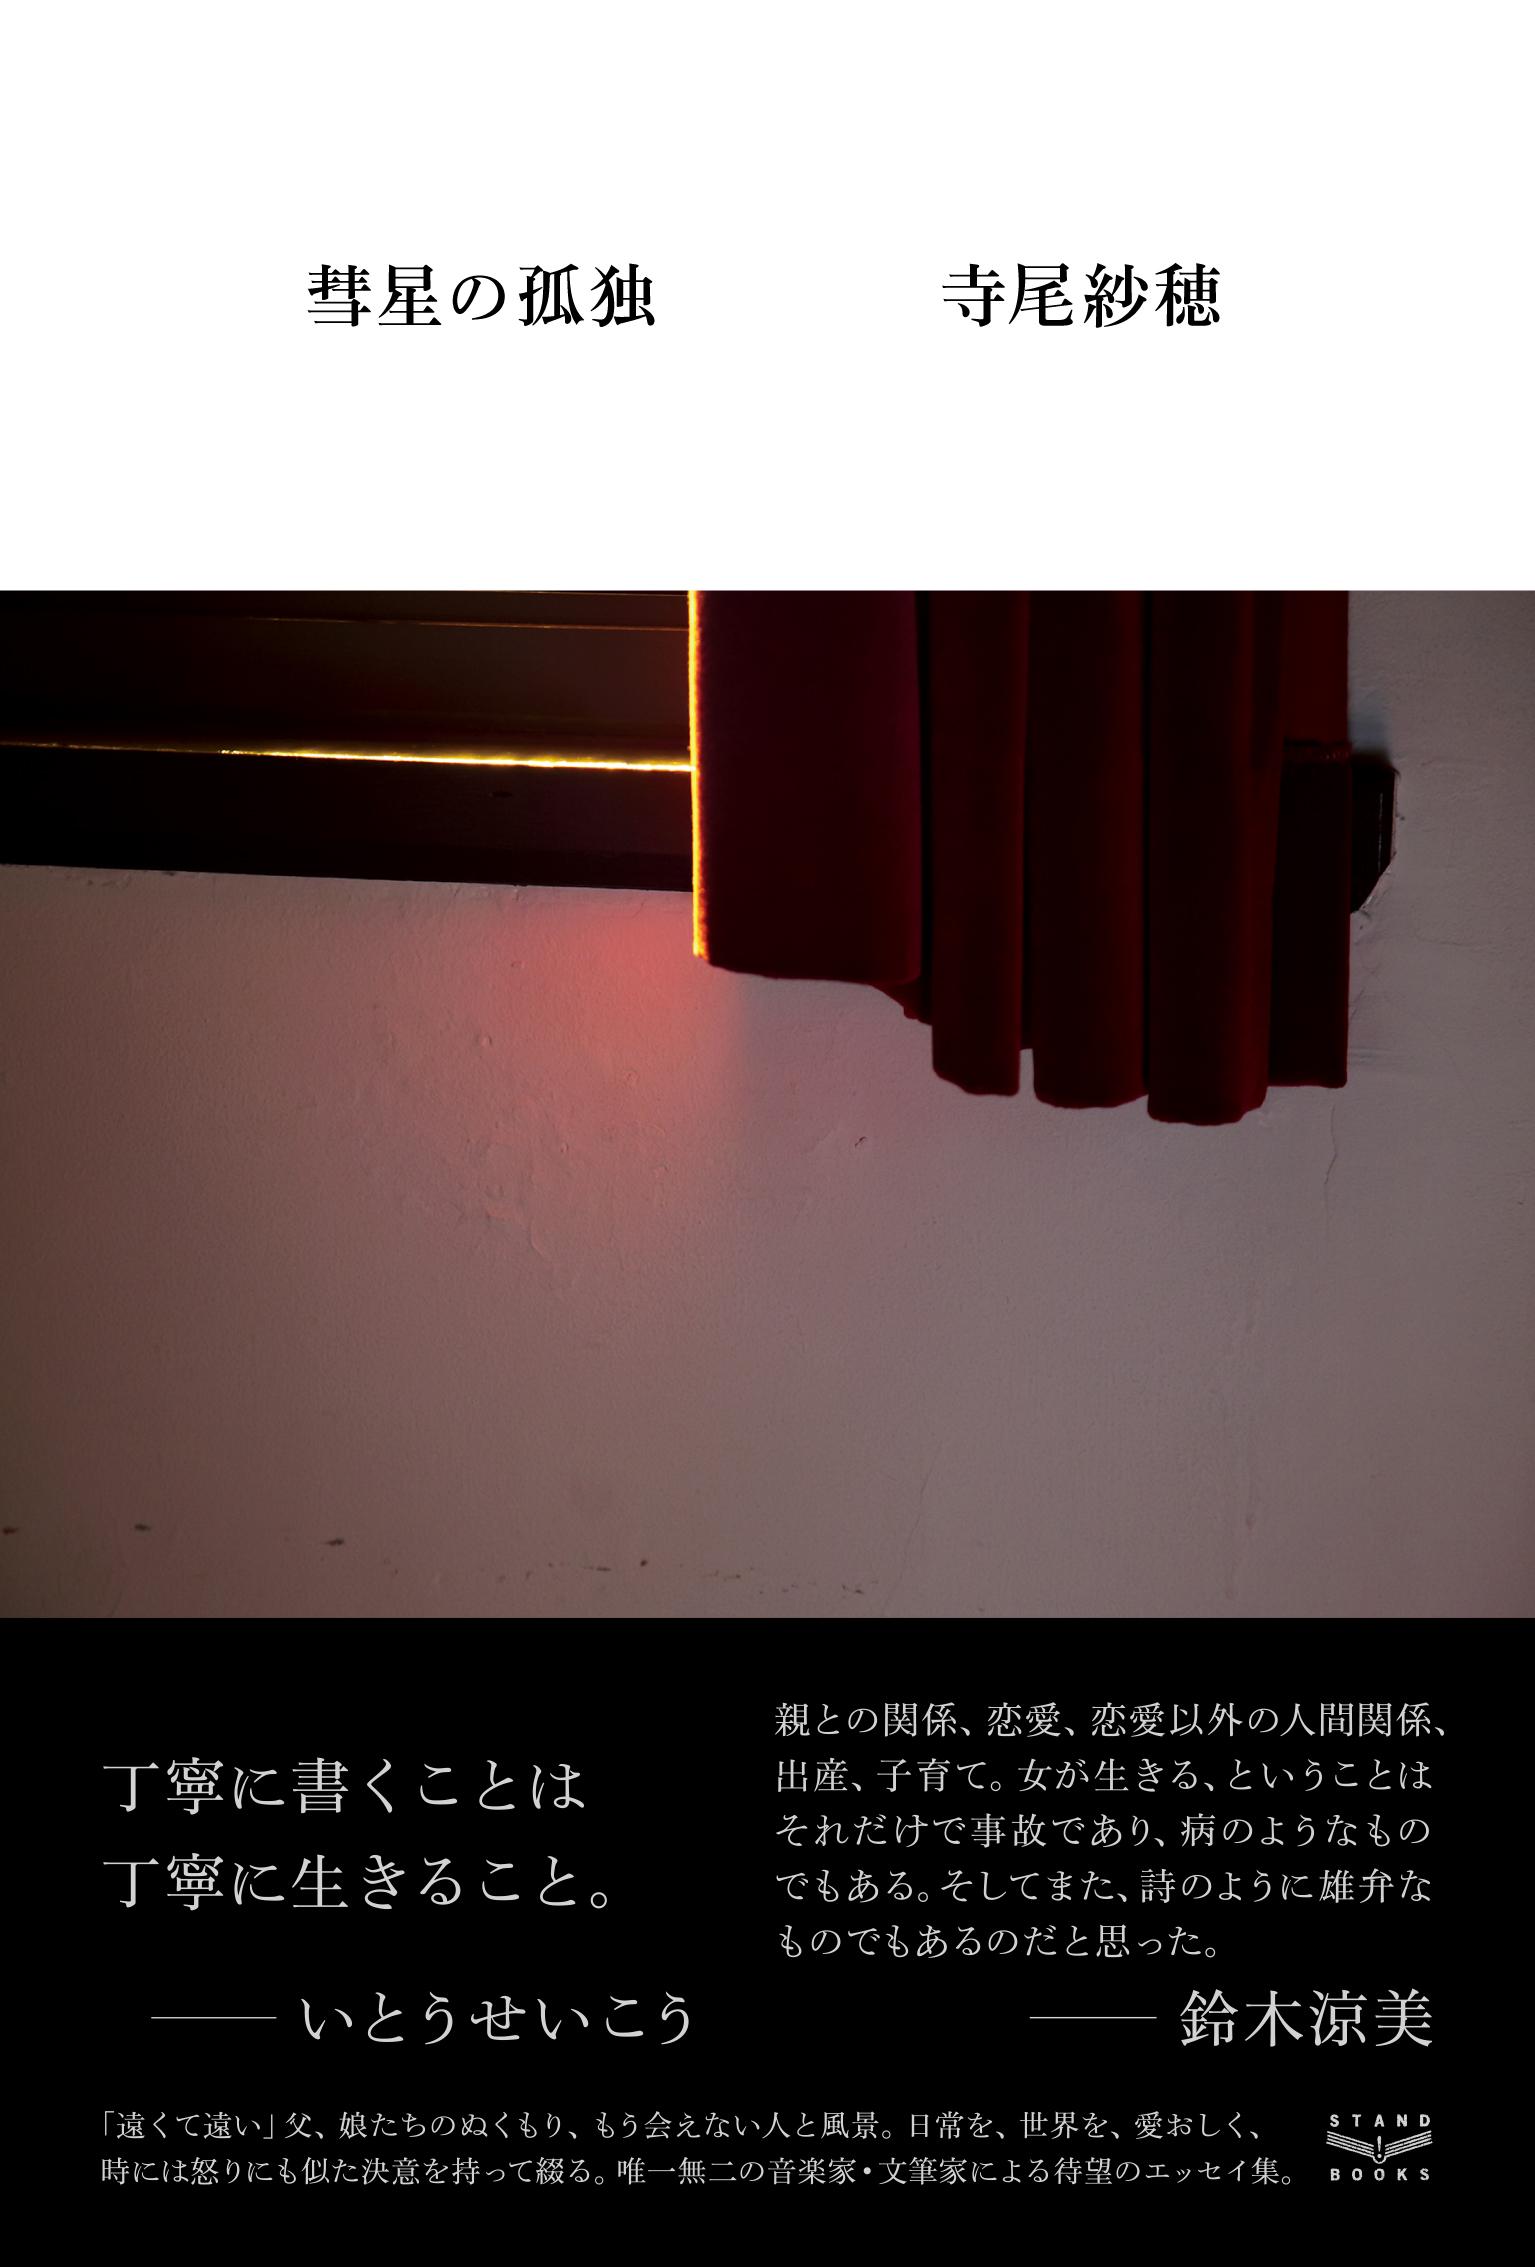 寺尾紗穂『彗星の孤独』